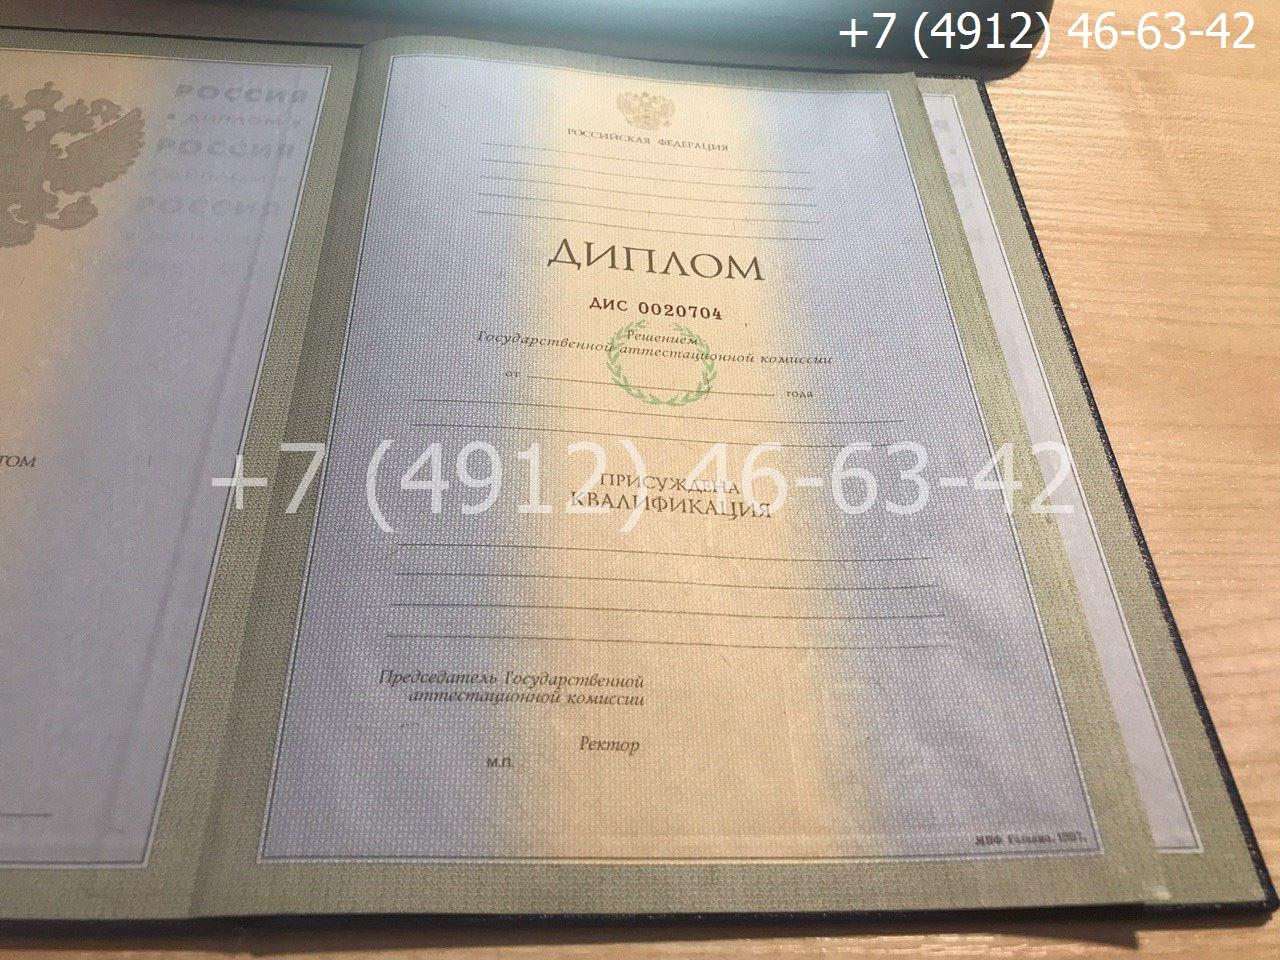 Диплом магистра 1997-2003 годов, образец, титульный лист-1